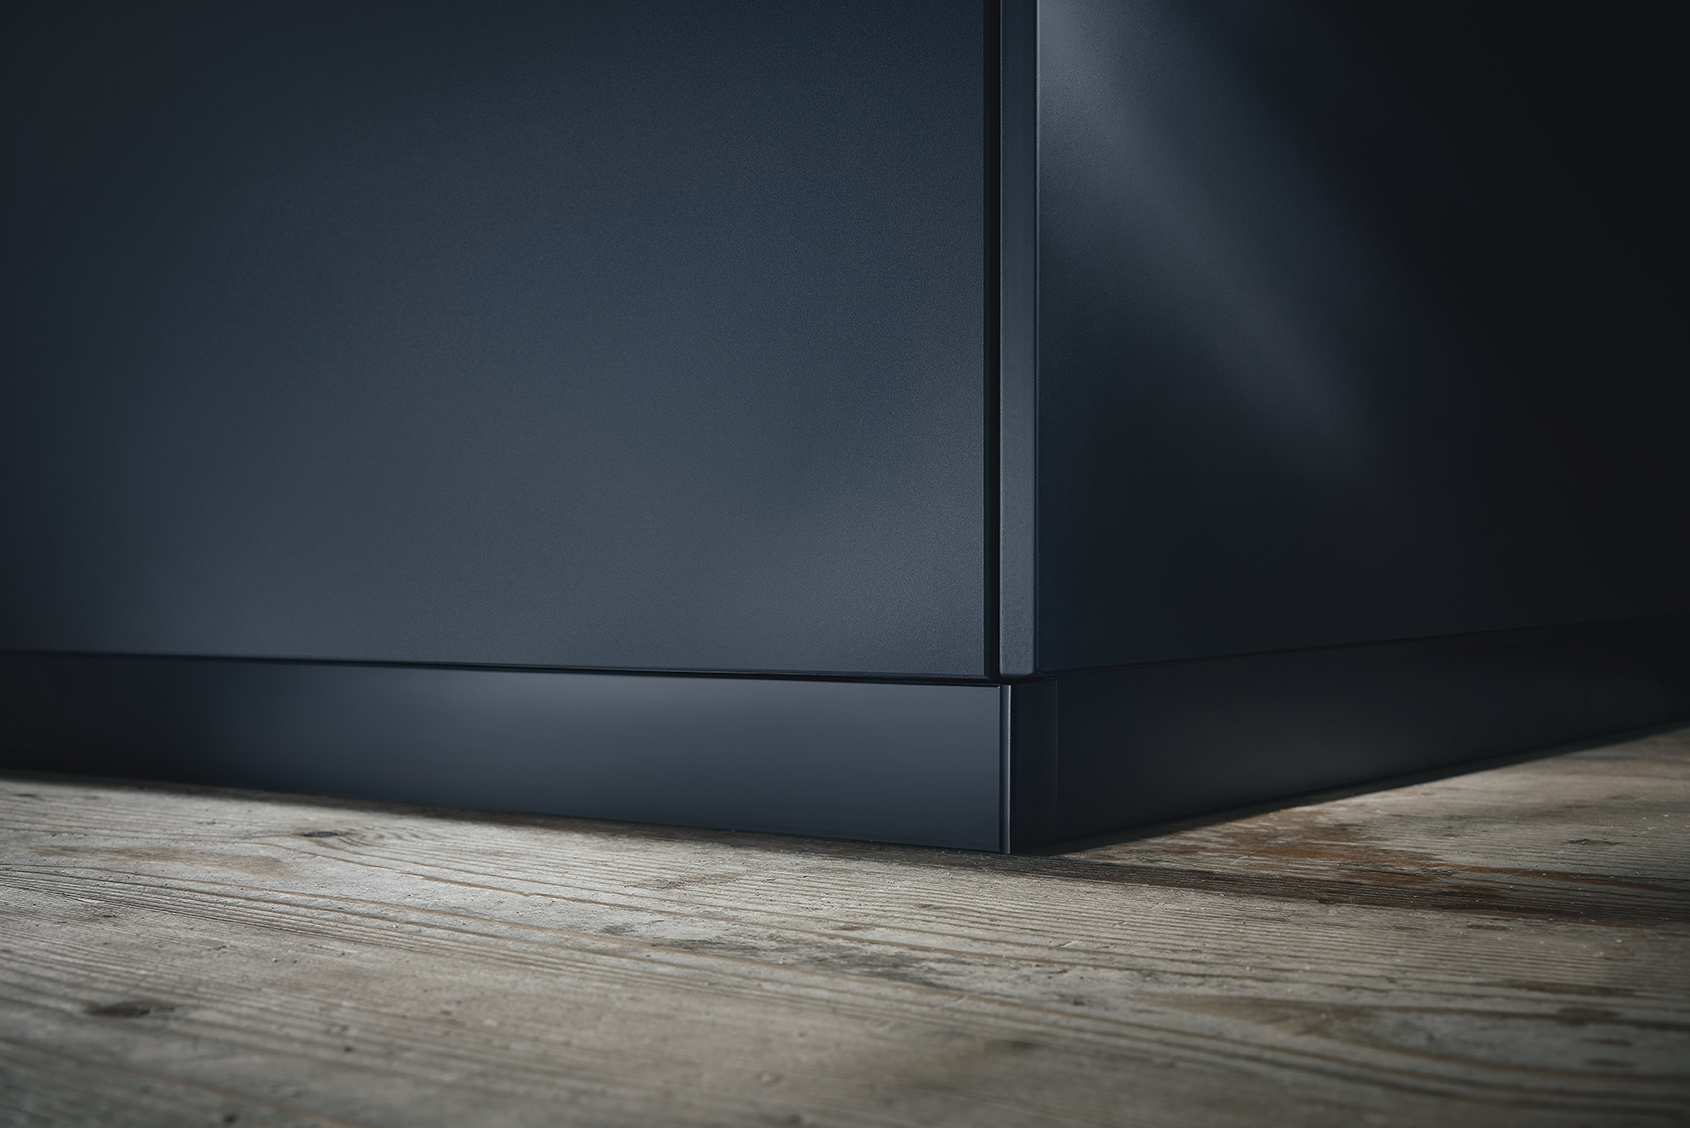 meuble pour cuisiniste haut de gamme moderne interieur Littoz annecy